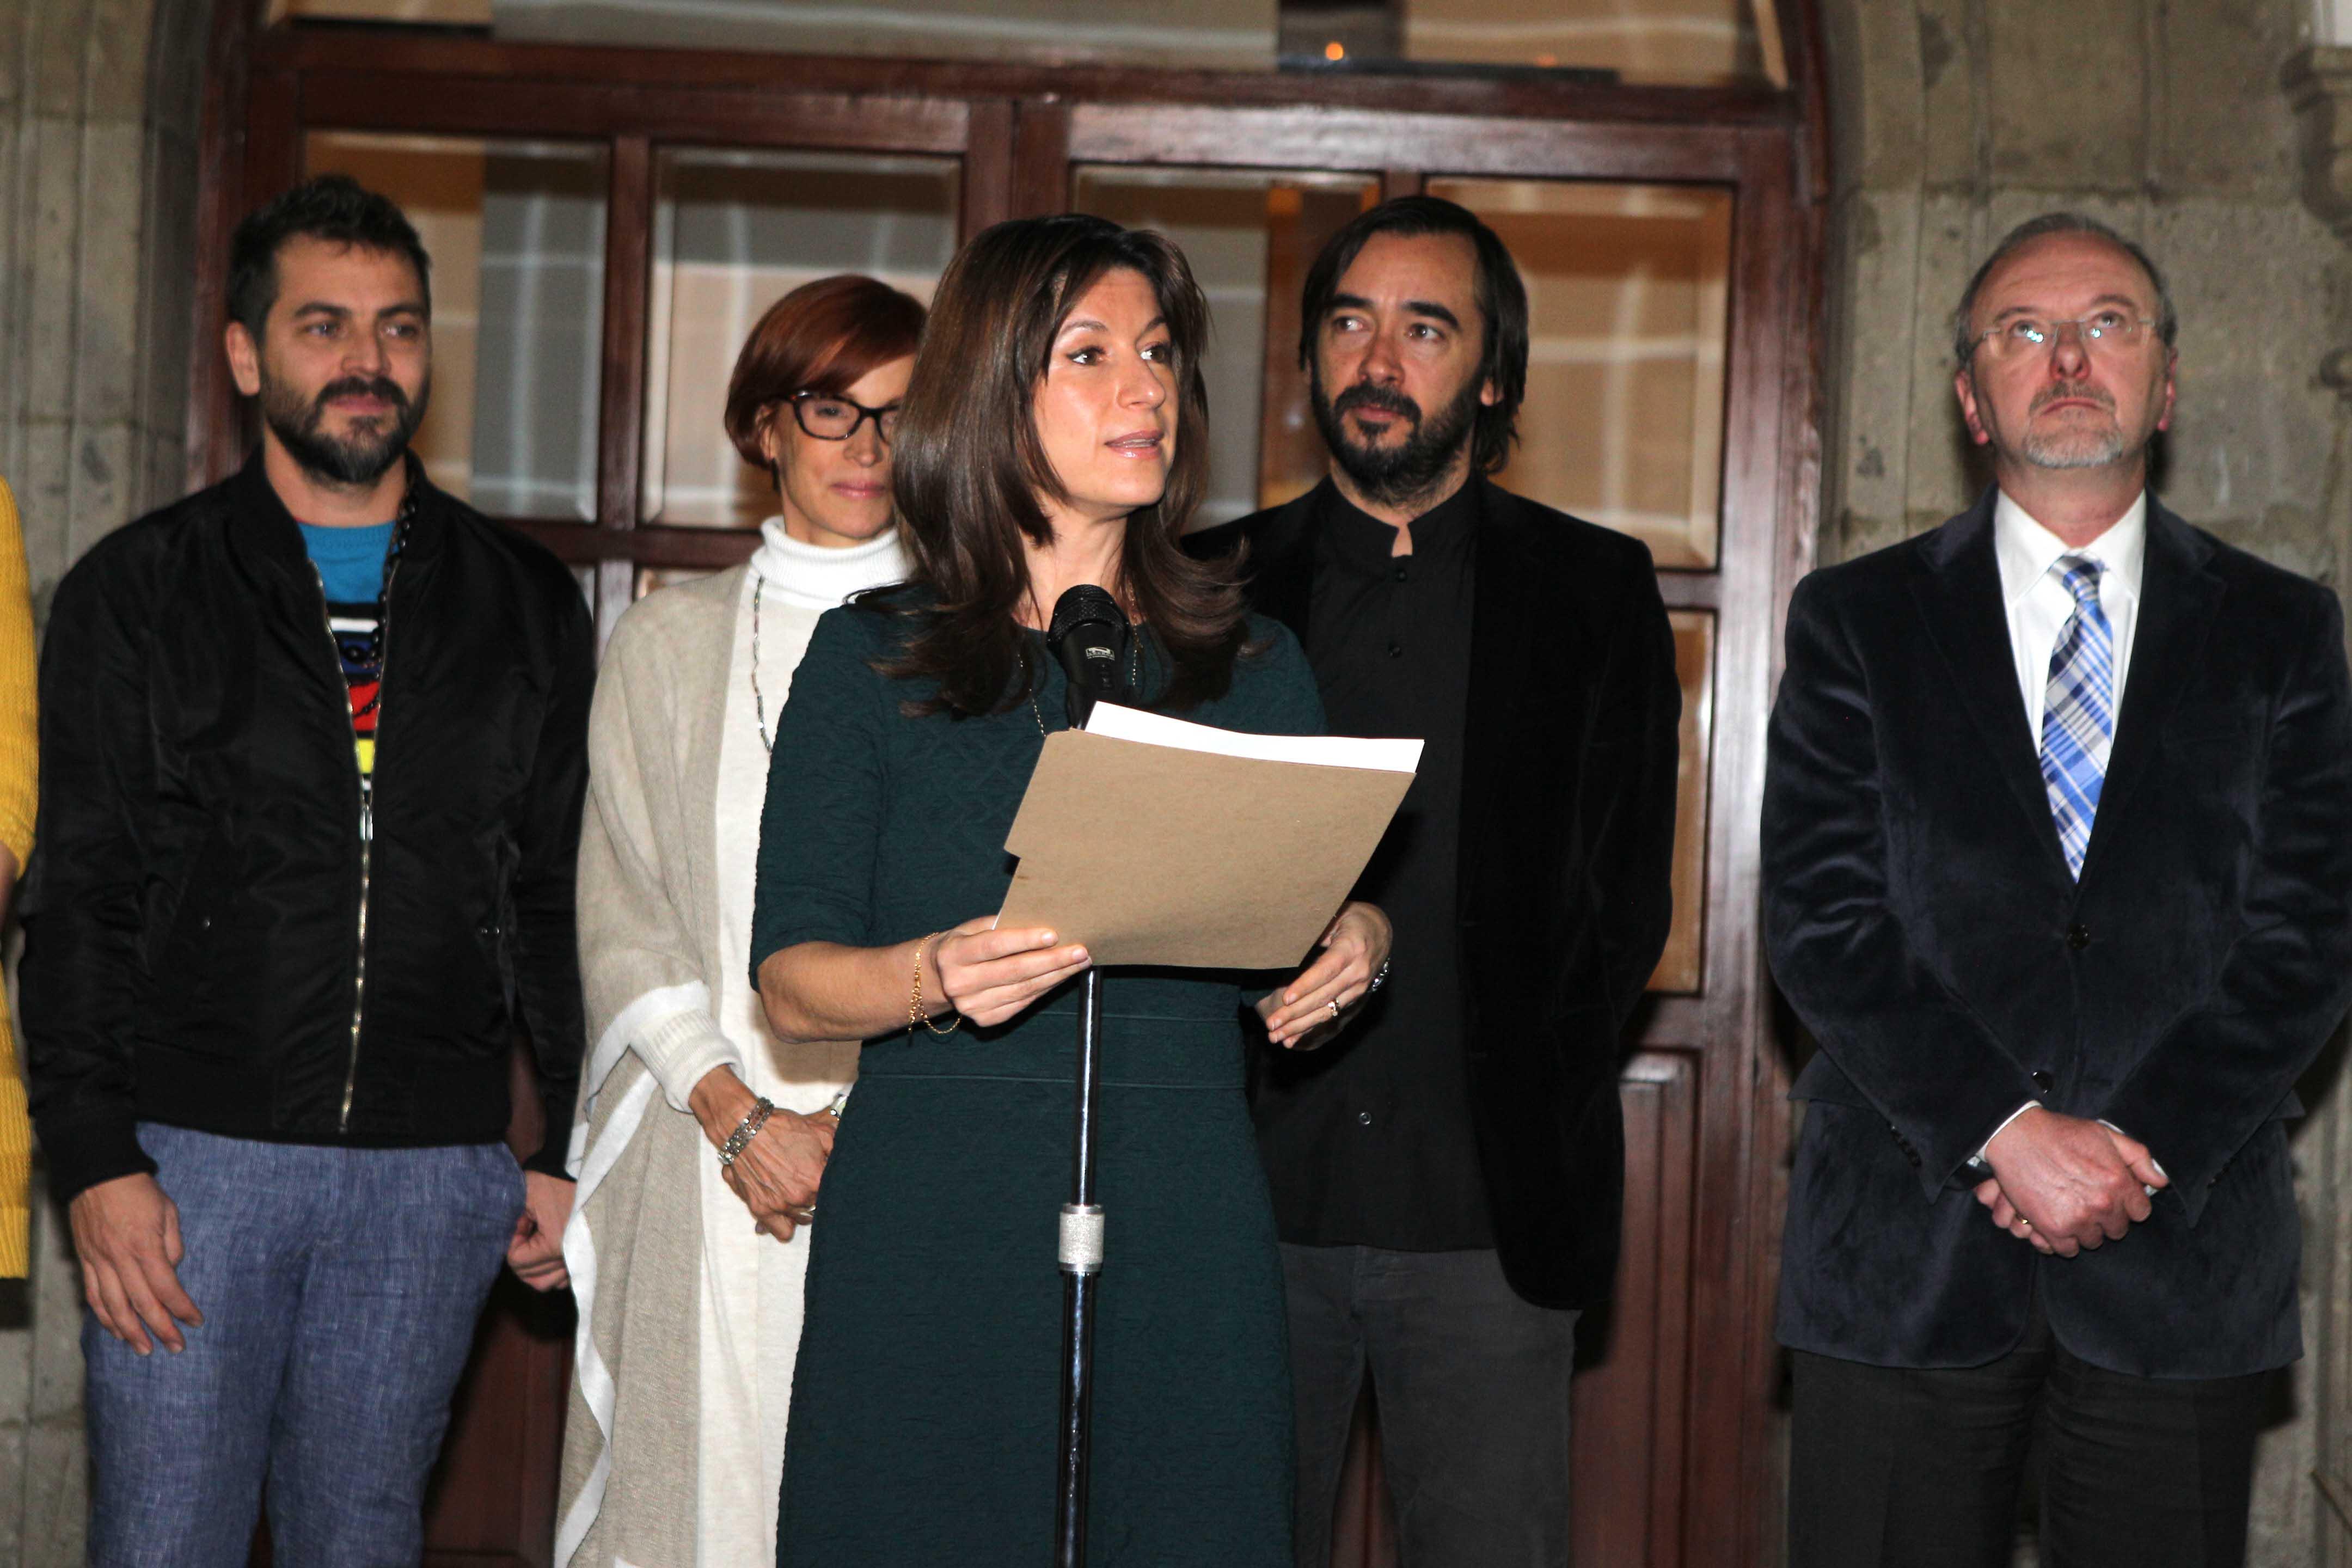 Natalia Saltalamacchia Ziccardi, Directora General del Instituto Matías Romero, en la ceremonia de inauguración